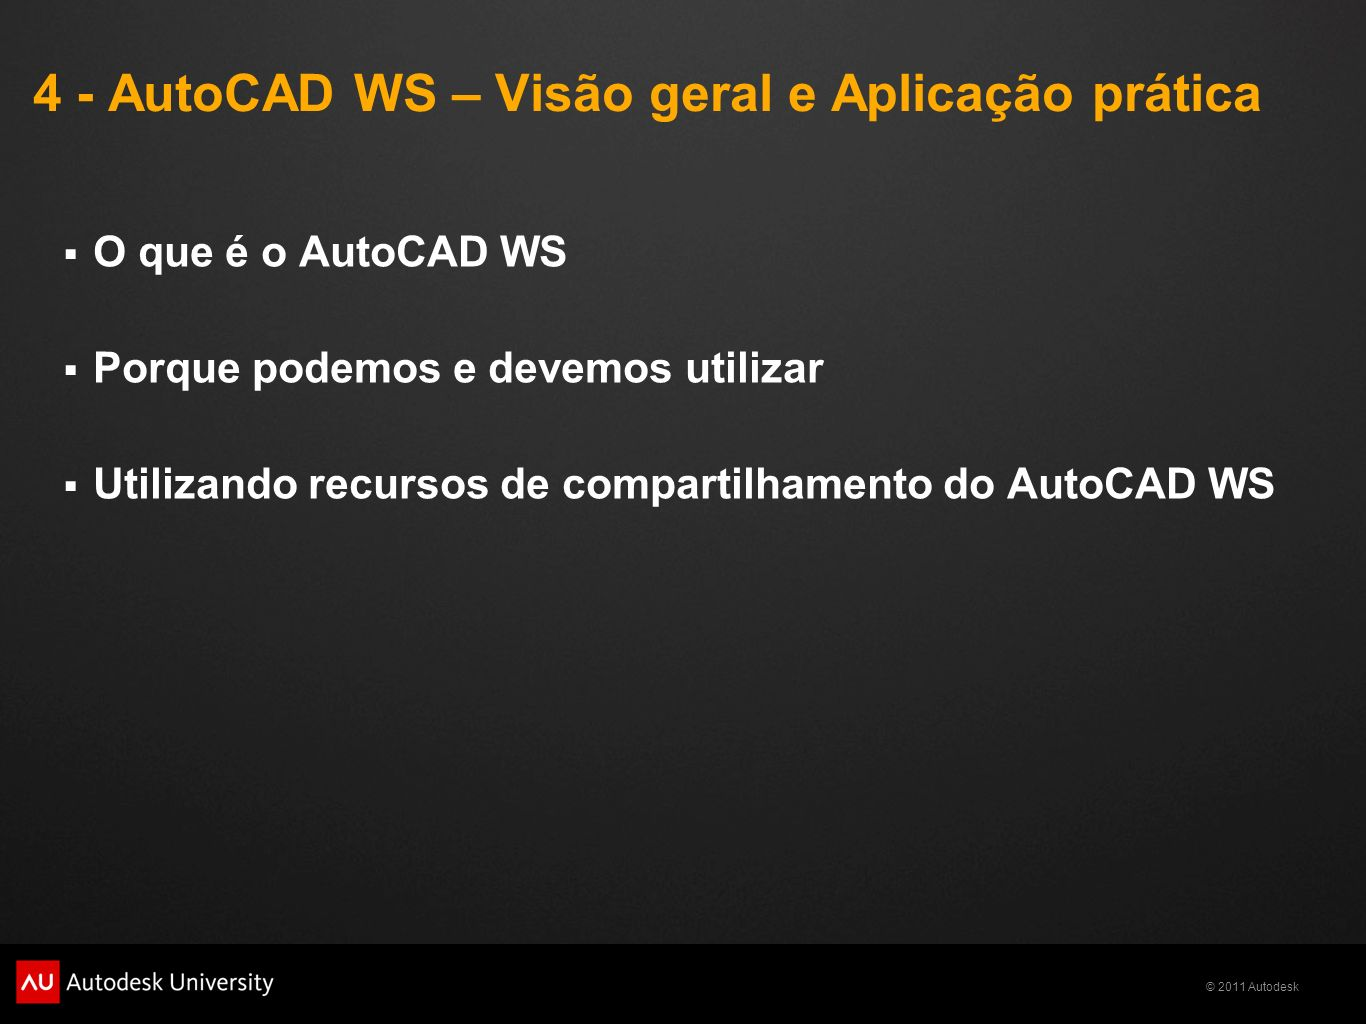 4 - AutoCAD WS – Visão geral e Aplicação prática